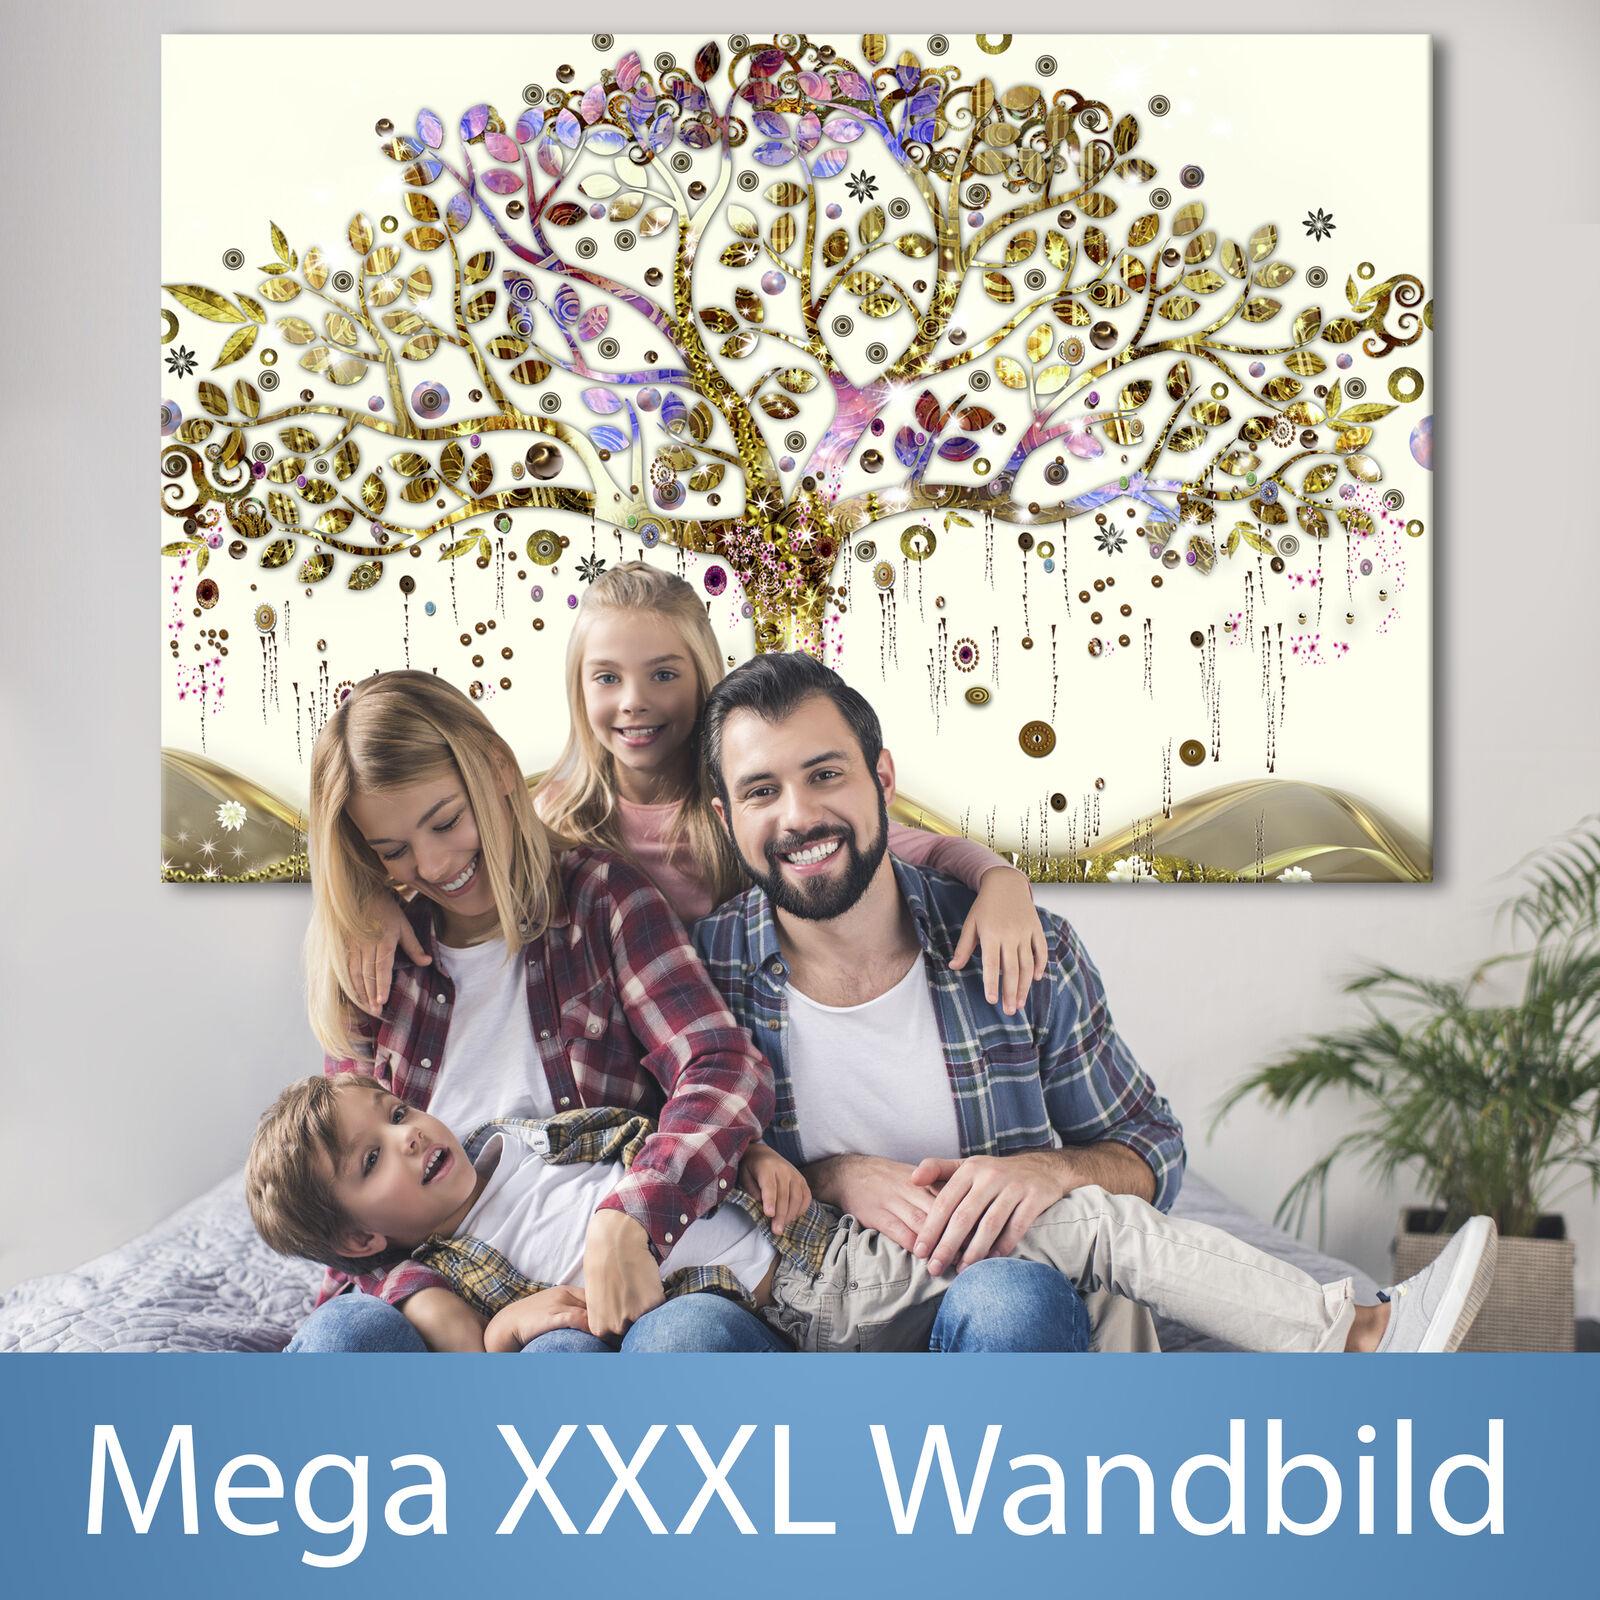 XXXL Wandbild Baum Klimt Riesenformat Leinwandbild xxl Canvas Bild l-A-0009-ak-a